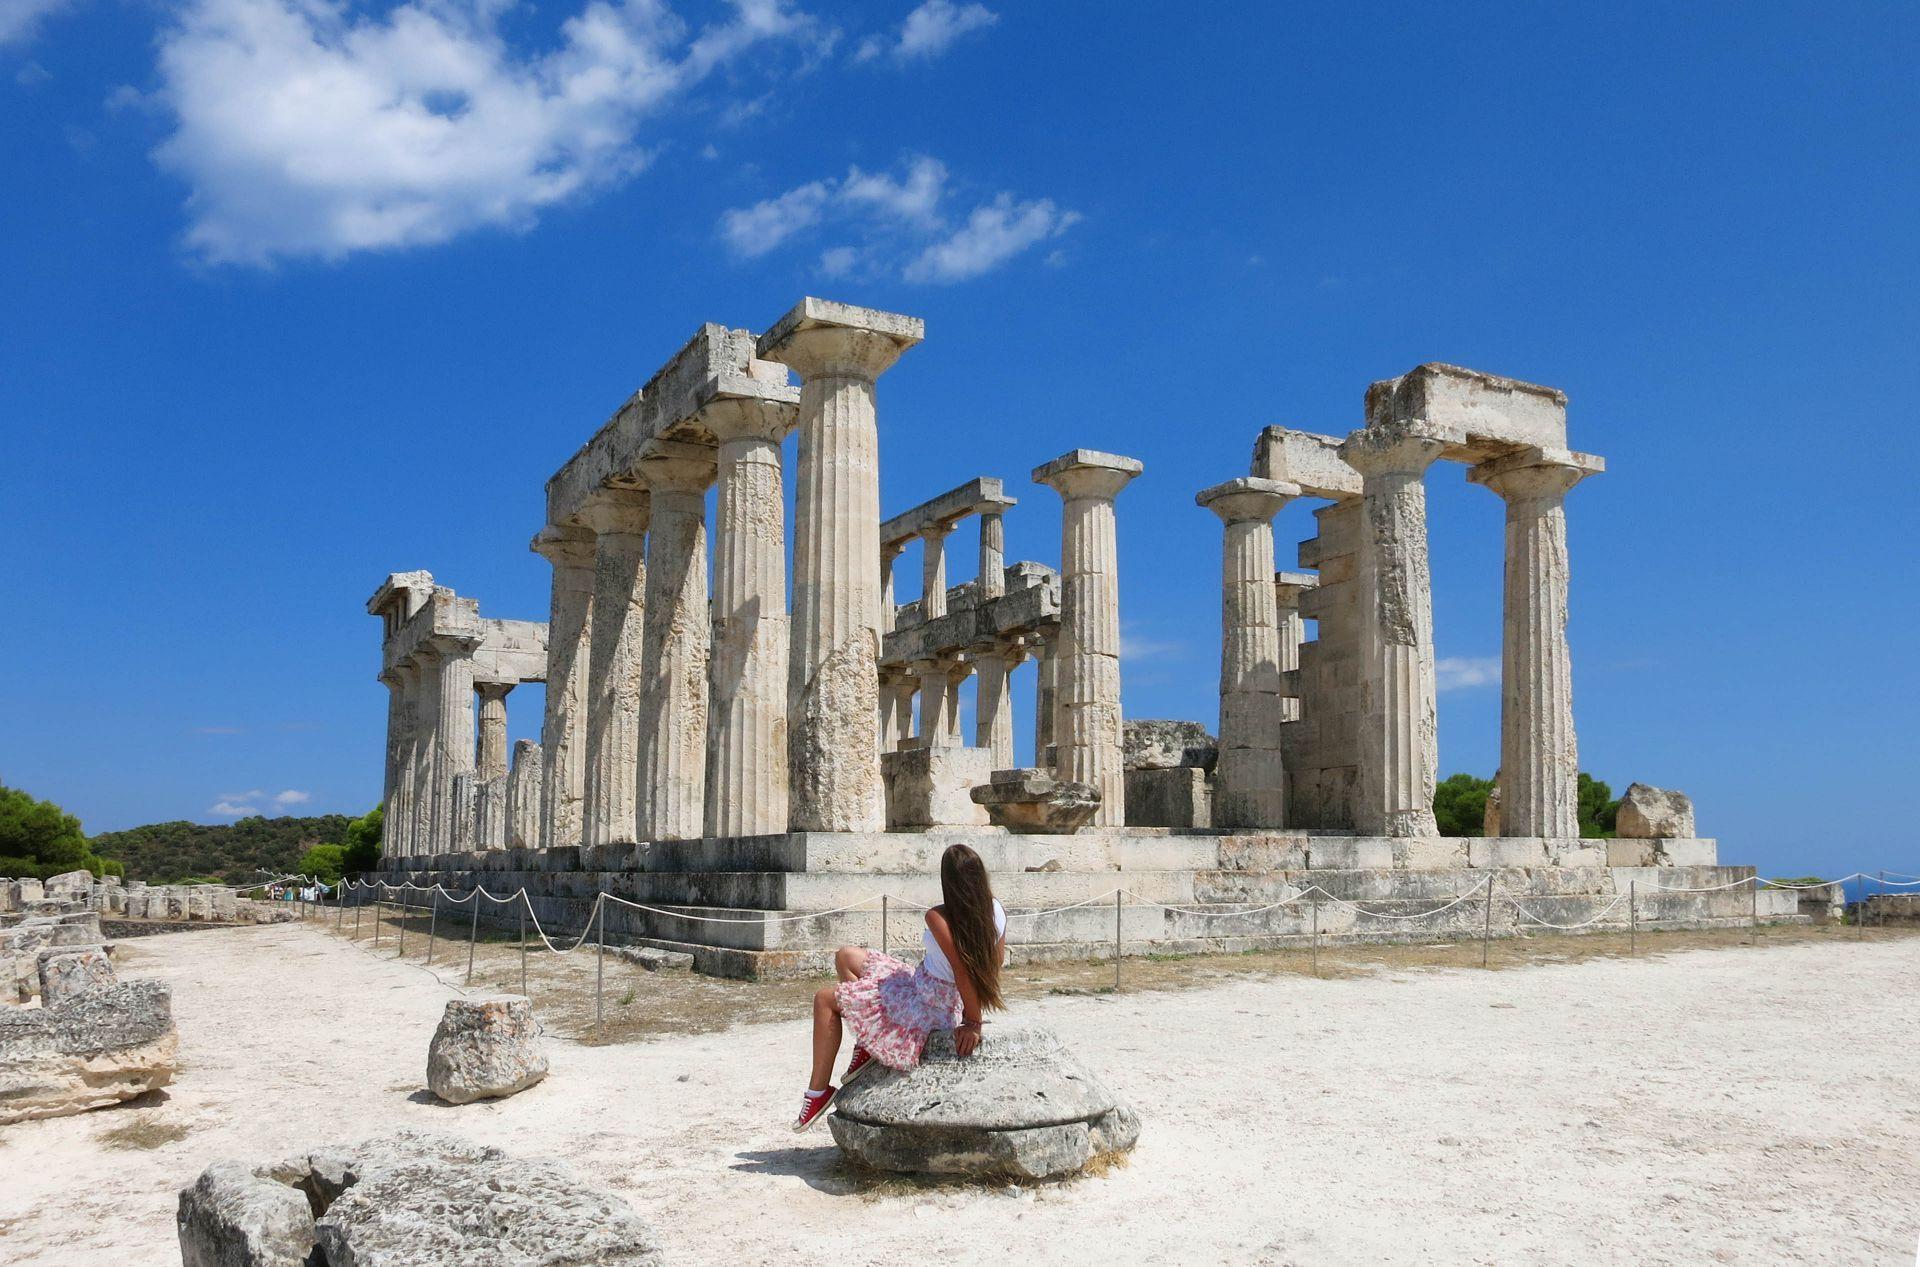 Saronic Greece: Aphaia temple on Aegina island